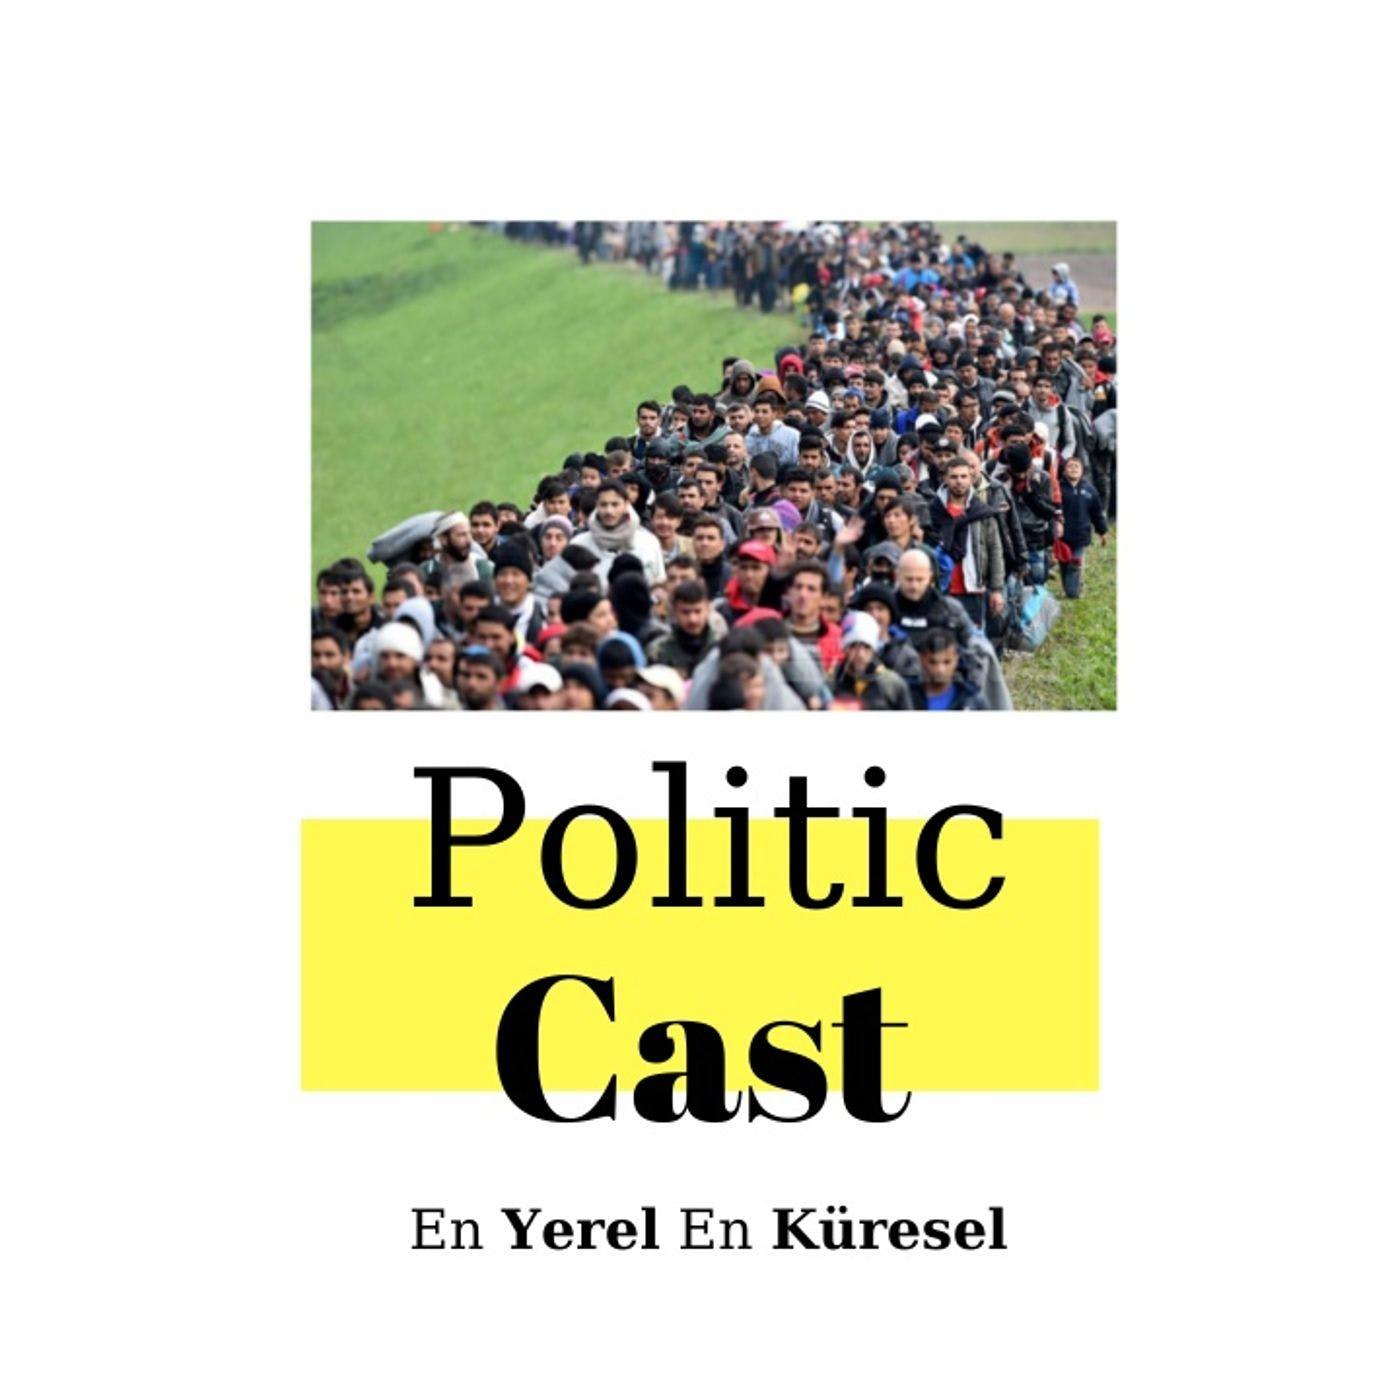 #95: Köşe Yazılarında Göçmen Meselesi Nasıl Ele Alınıyor?